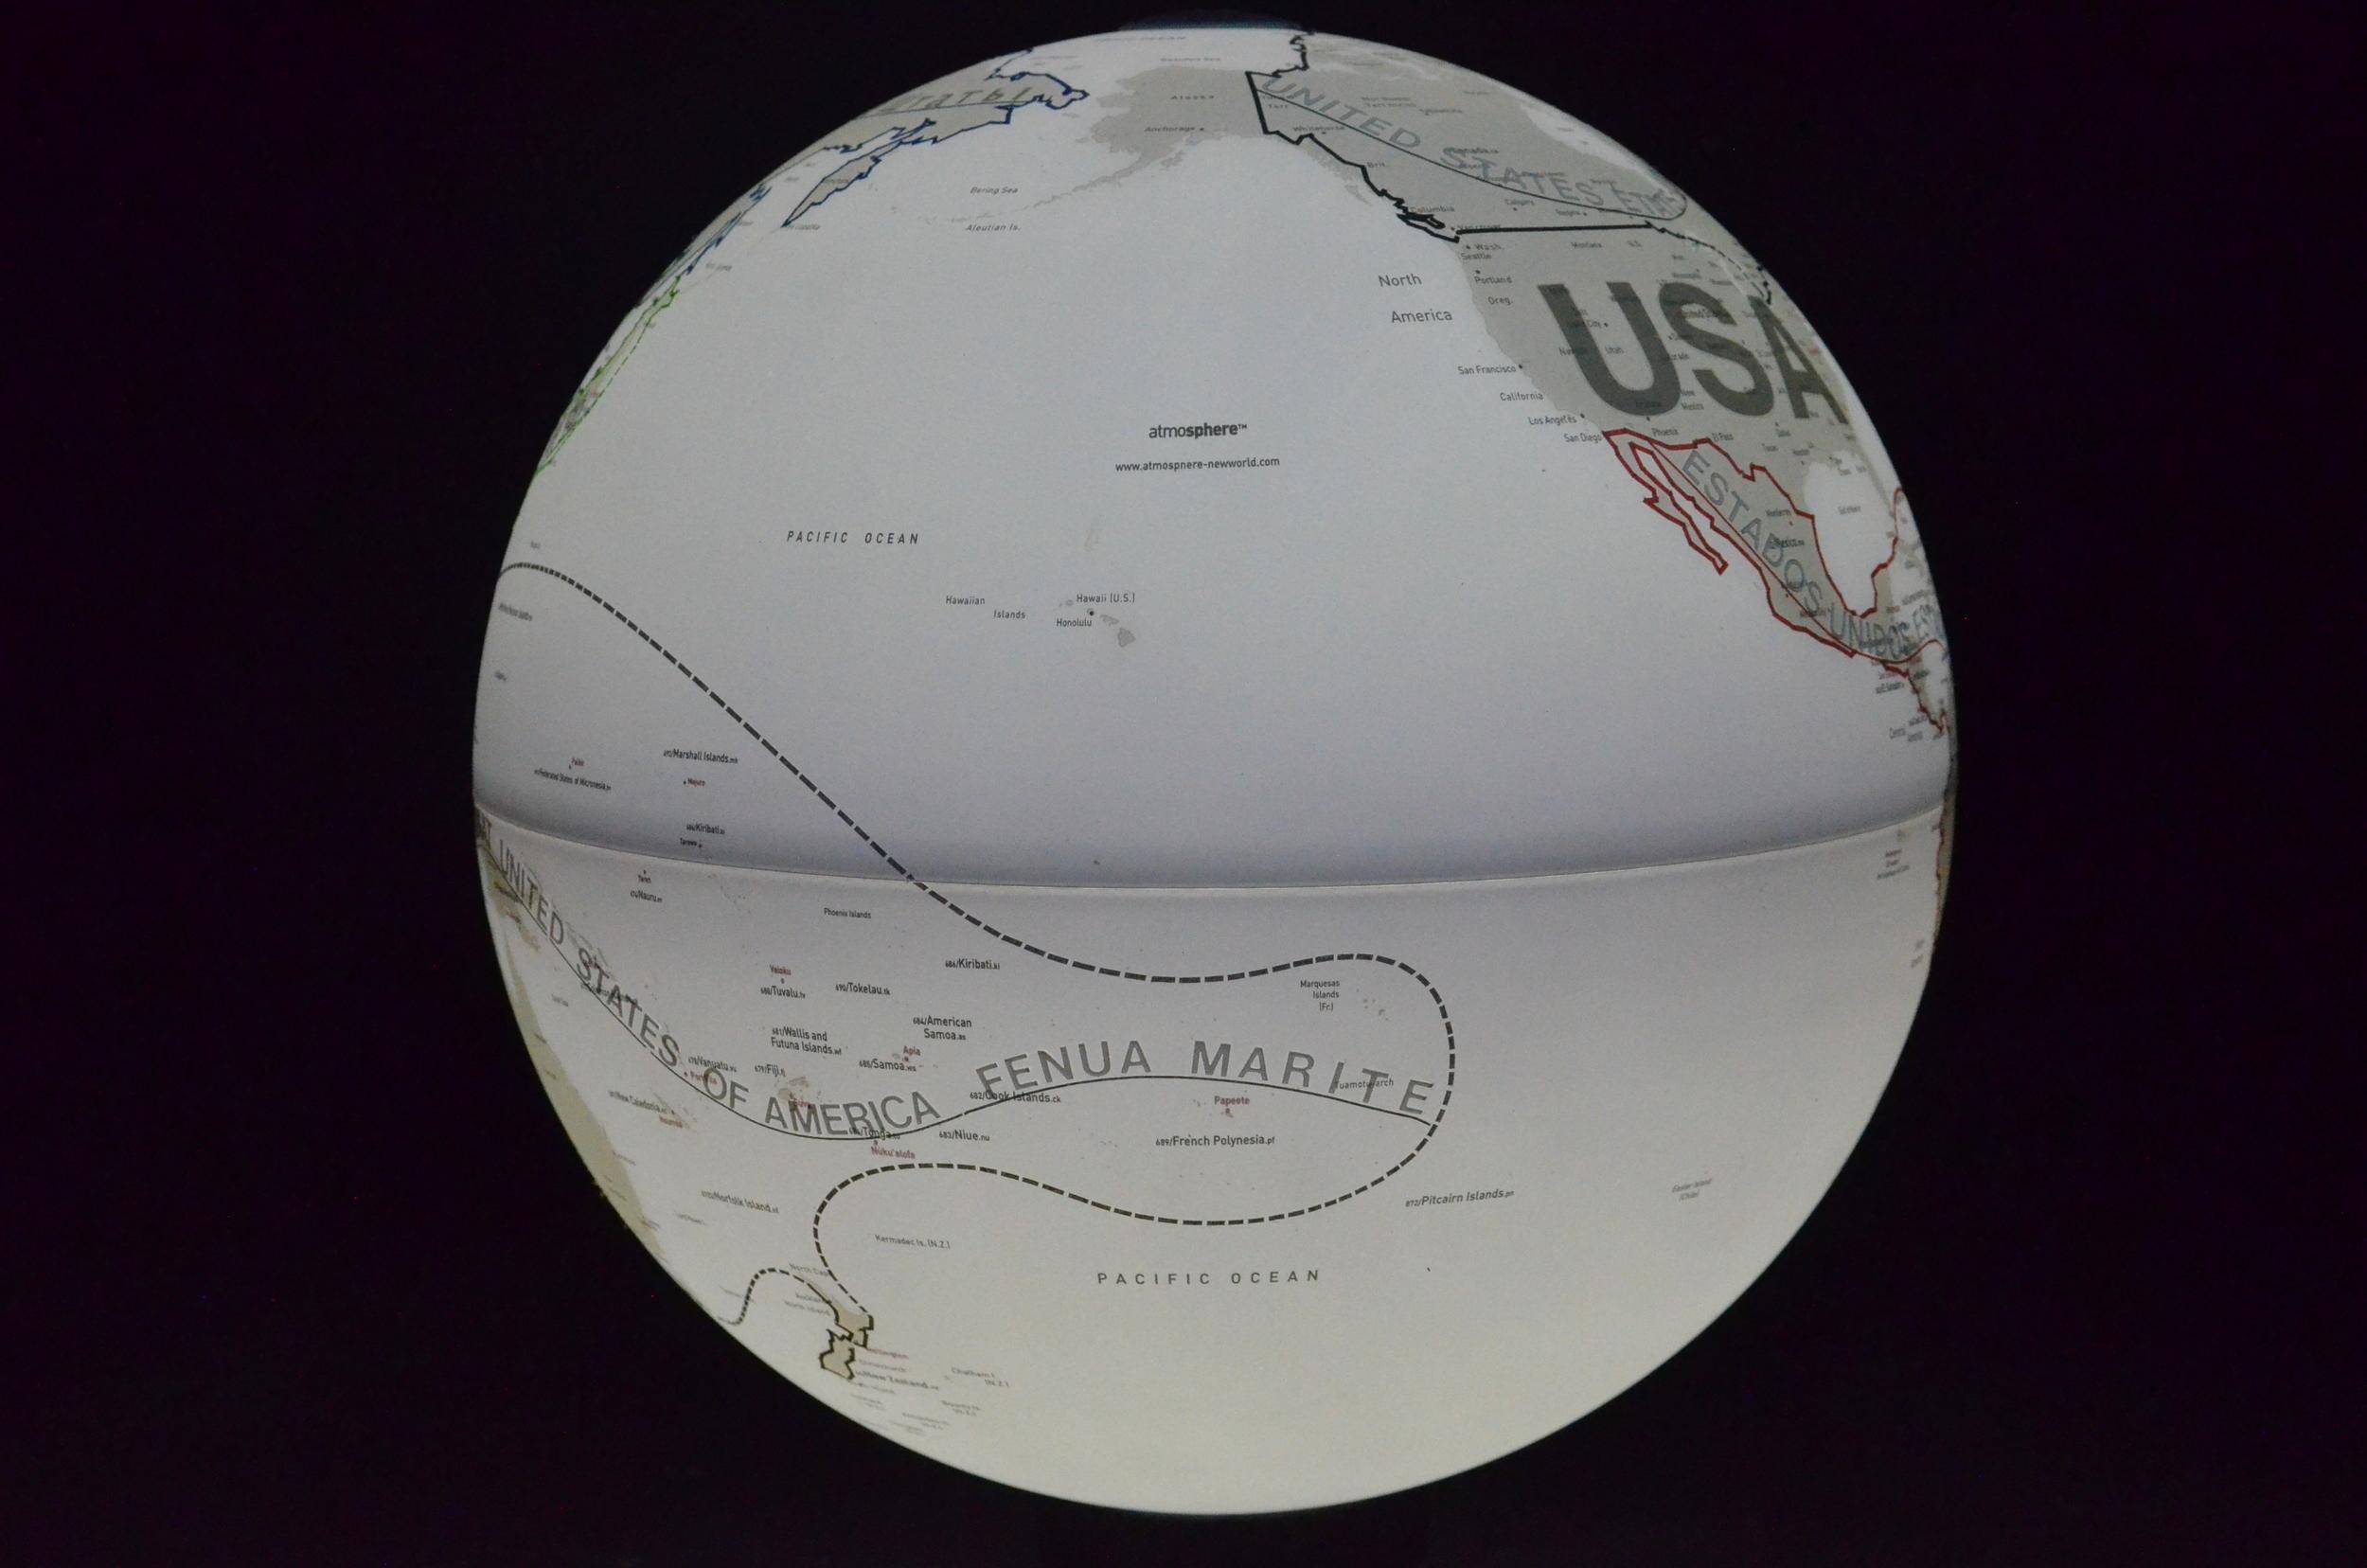 385_USA_GDP_PAC_IG1_7709.jpeg